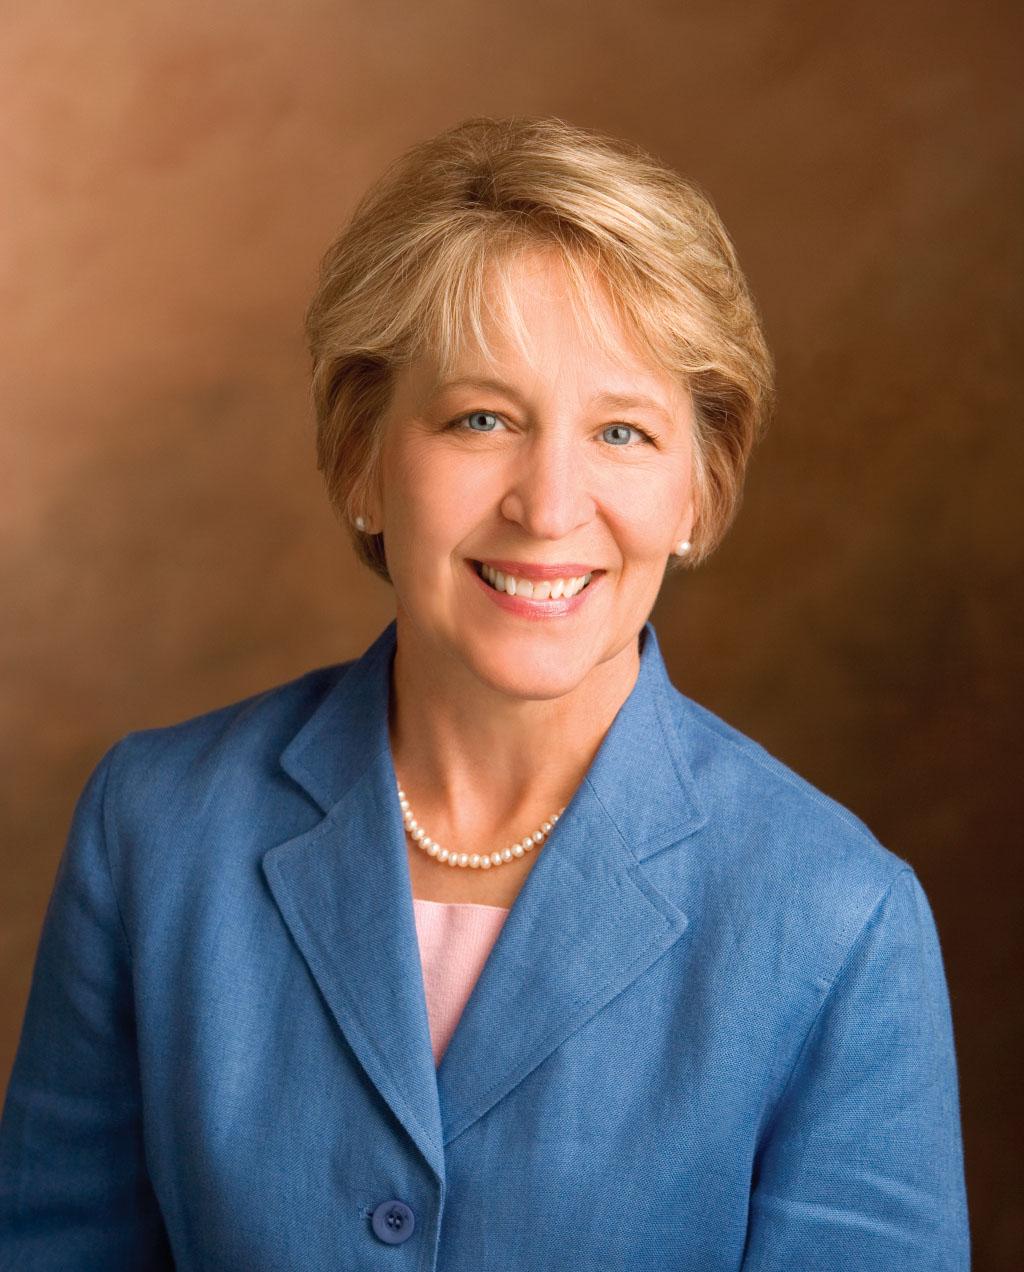 Margaret S. Lifferth